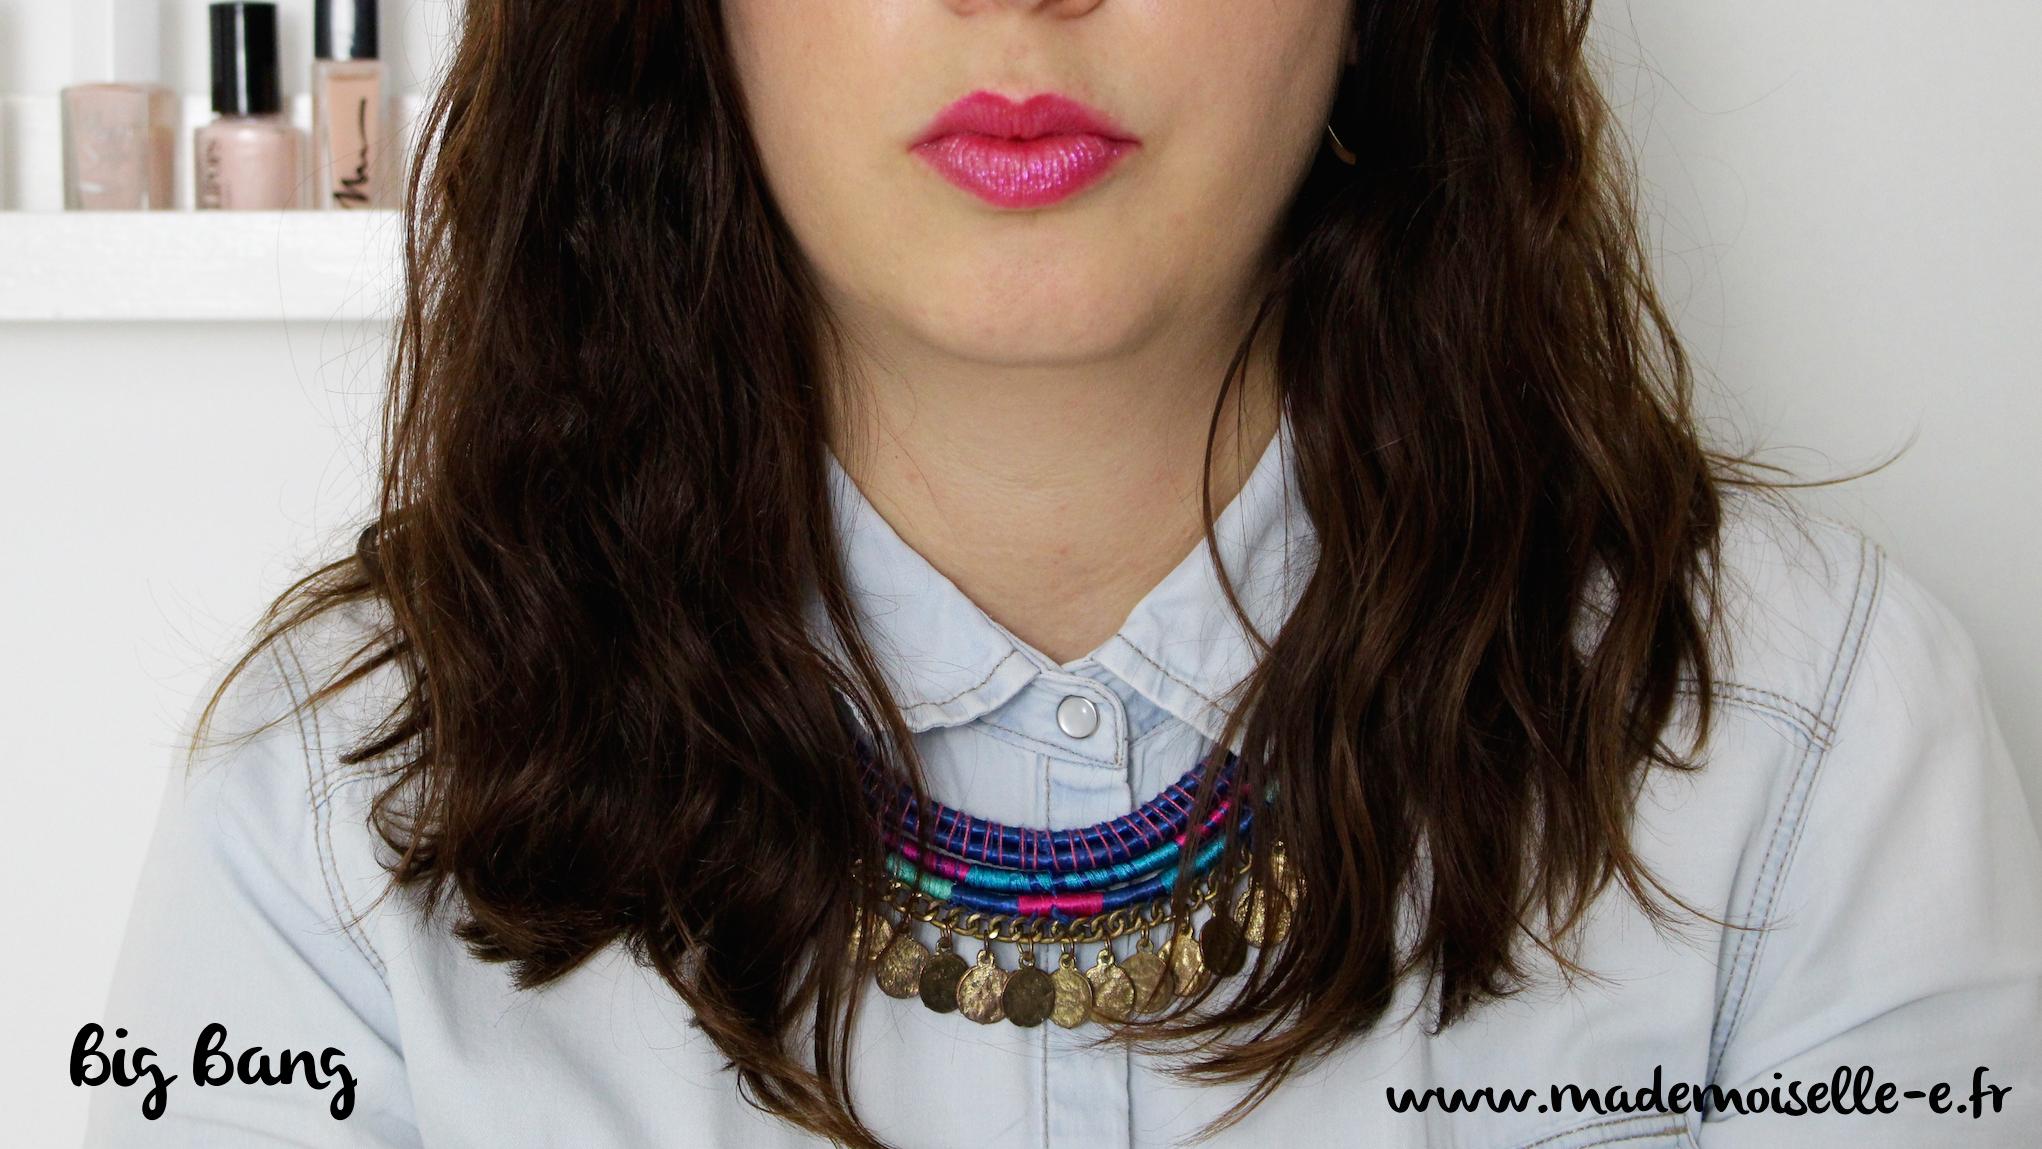 lipstick_vice_bigbang_mademoiselle-e